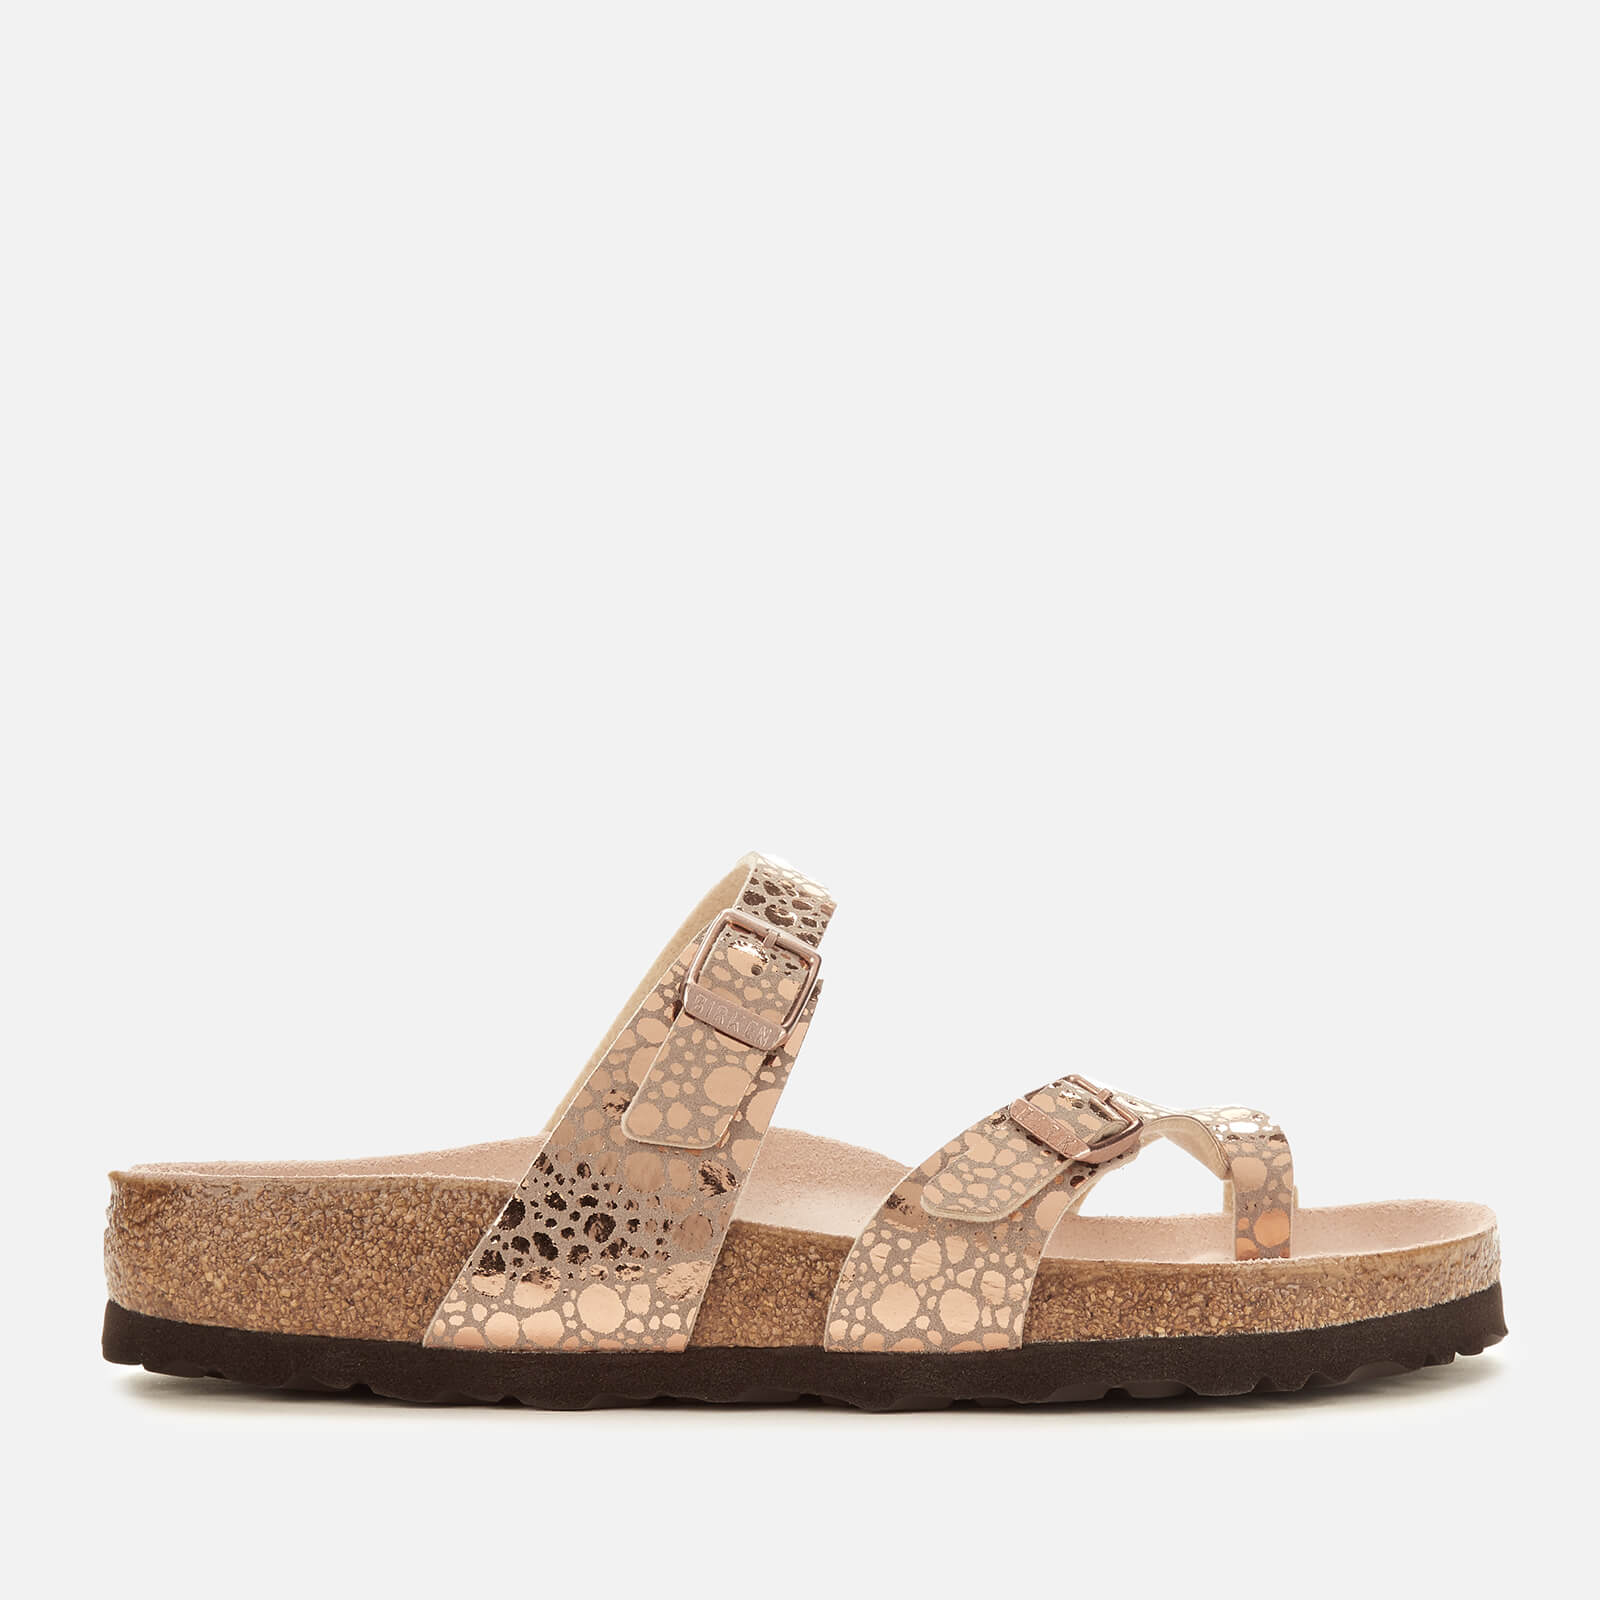 6b7049eb9 Birkenstock Women's Mayari Slim Fit Double Strap Sandals - Metallic Stones  Copper | FREE UK Delivery | Allsole